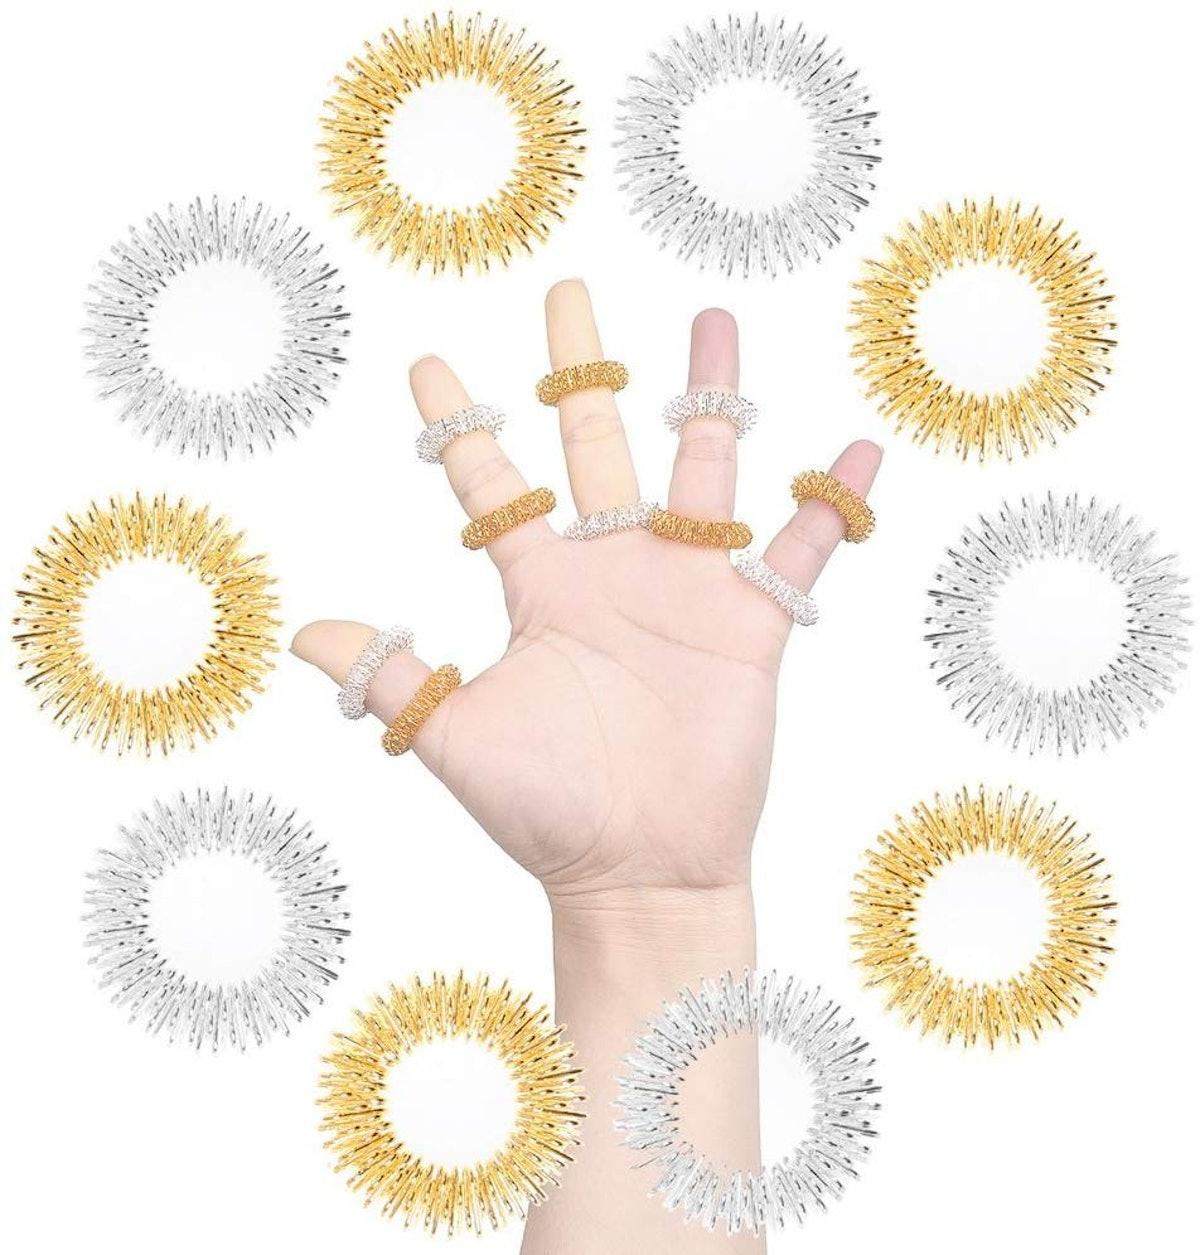 SUMAJU Acupressure Massage Rings (Set of 10)